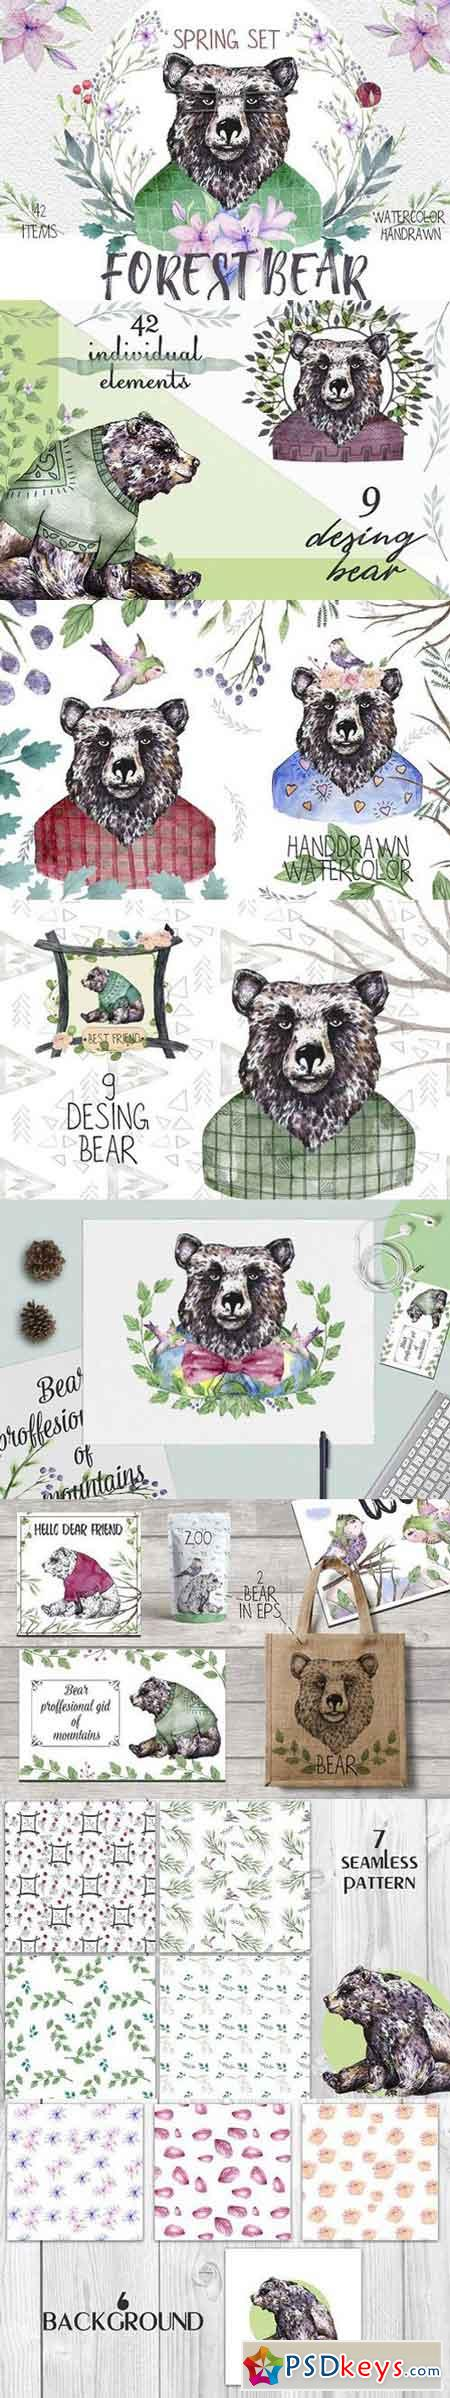 Forest Bear. Spring set 1303423